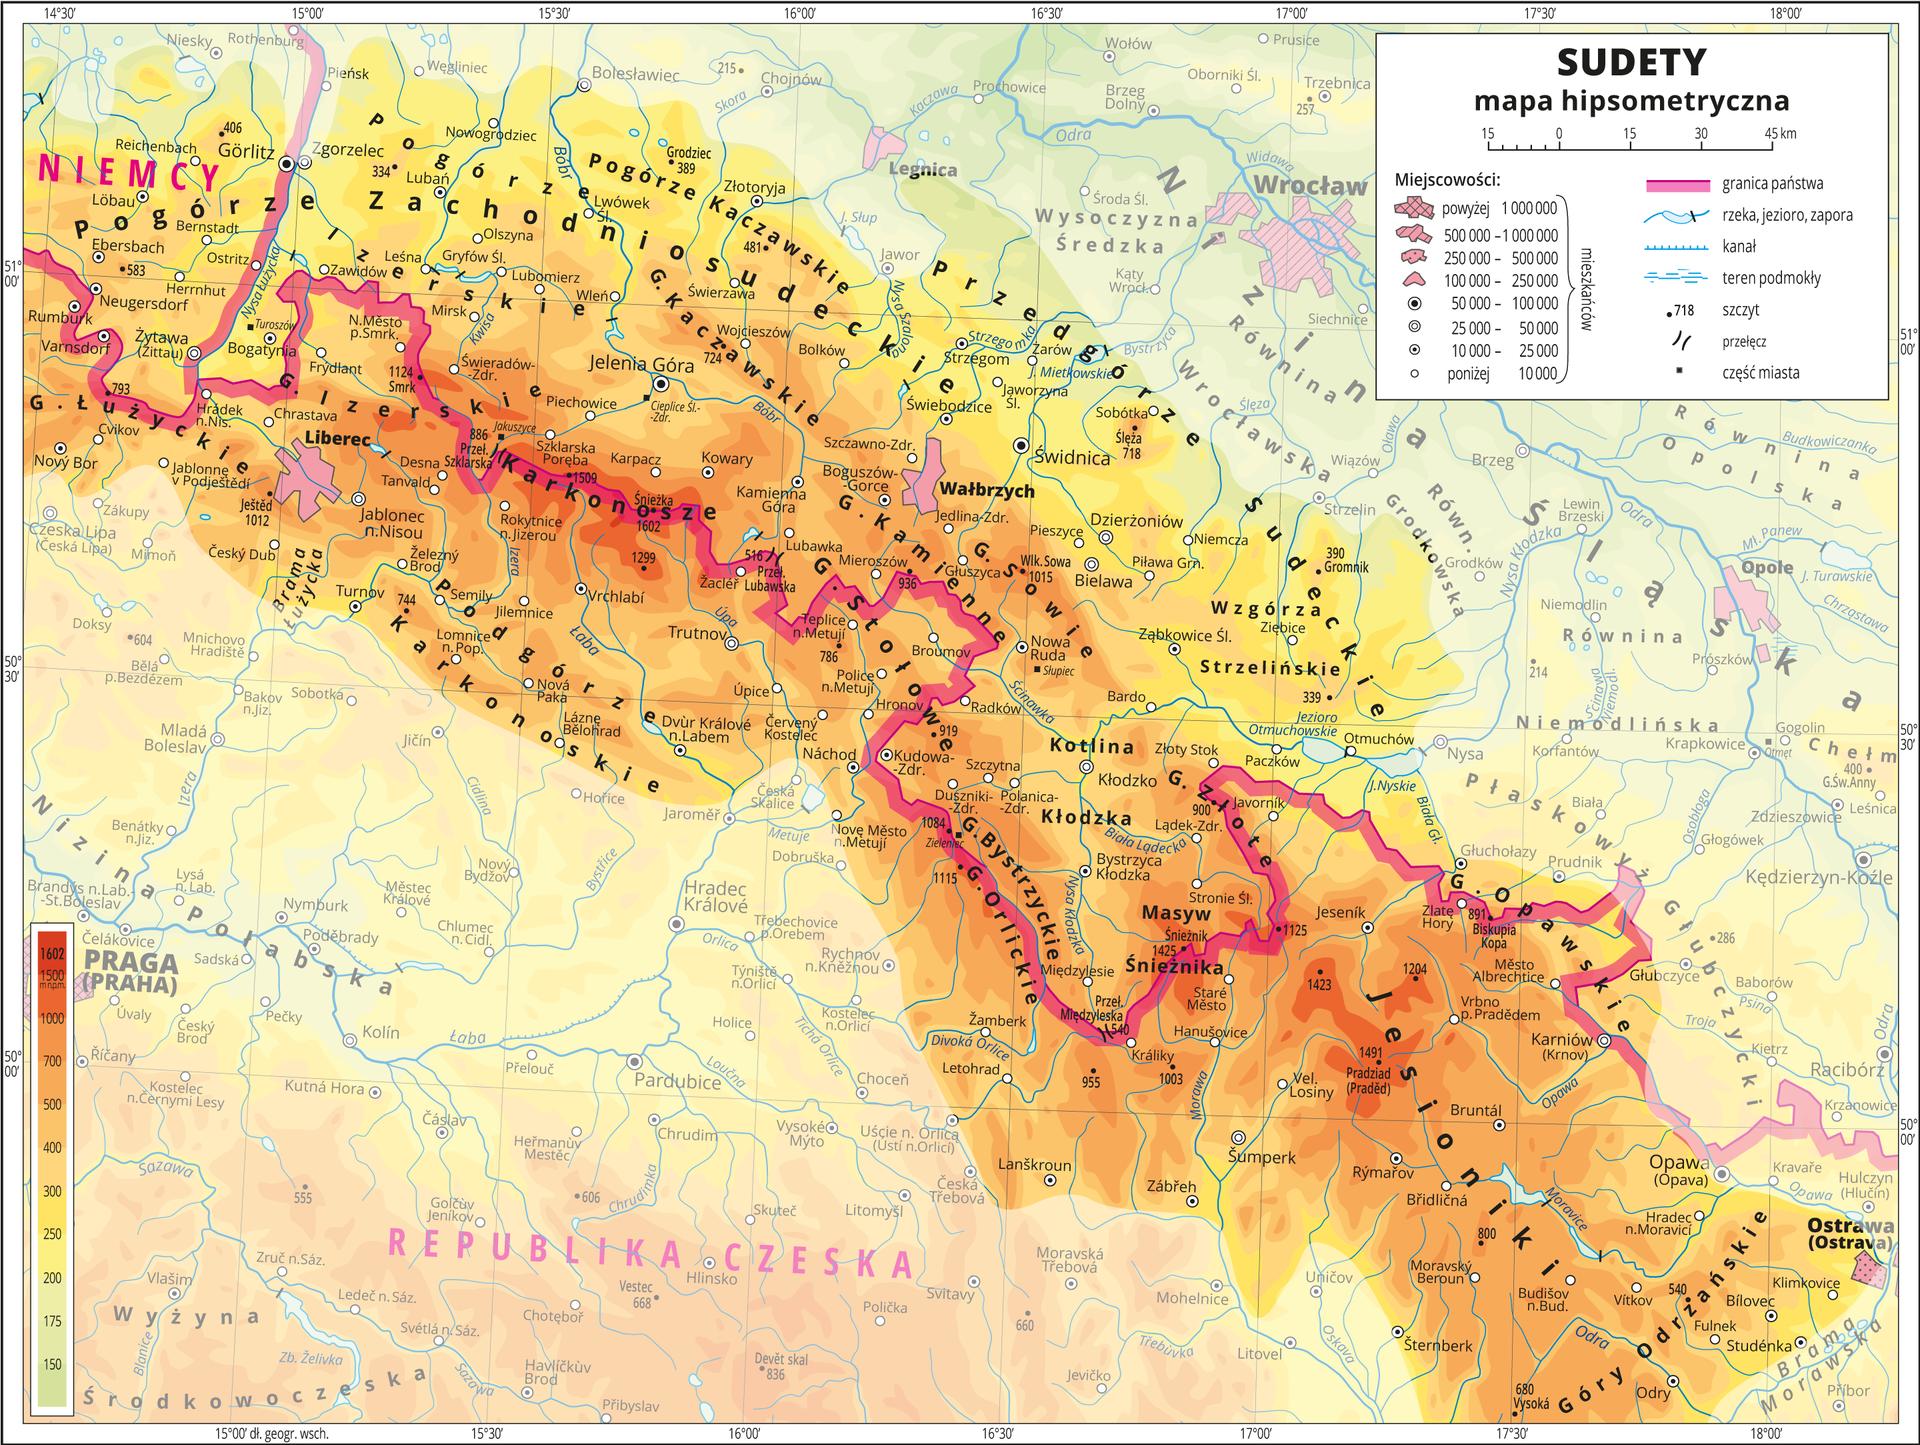 Ilustracja przedstawia mapę hipsometryczną Sudetów, obejmuje fragment Polski, Niemiec, Republiki Czeskiej. Treść niedotycząca Sudetów została zamglona.Na mapie dominuje kolor pomarańczowy obrazujący tereny powyżej czterystu metrów nad poziomem morza. Oznaczono iopisano miasta, rzeki, jeziora iszczyty. Opisano góry ipogórza oraz państwa sąsiadujące zPolską. Czerwoną wstążką zaznaczono granice państw.Dookoła mapy wbiałej ramce opisano współrzędne geograficzne co trzydzieści minut. Wlegendzie opisano znaki użyte na mapie.